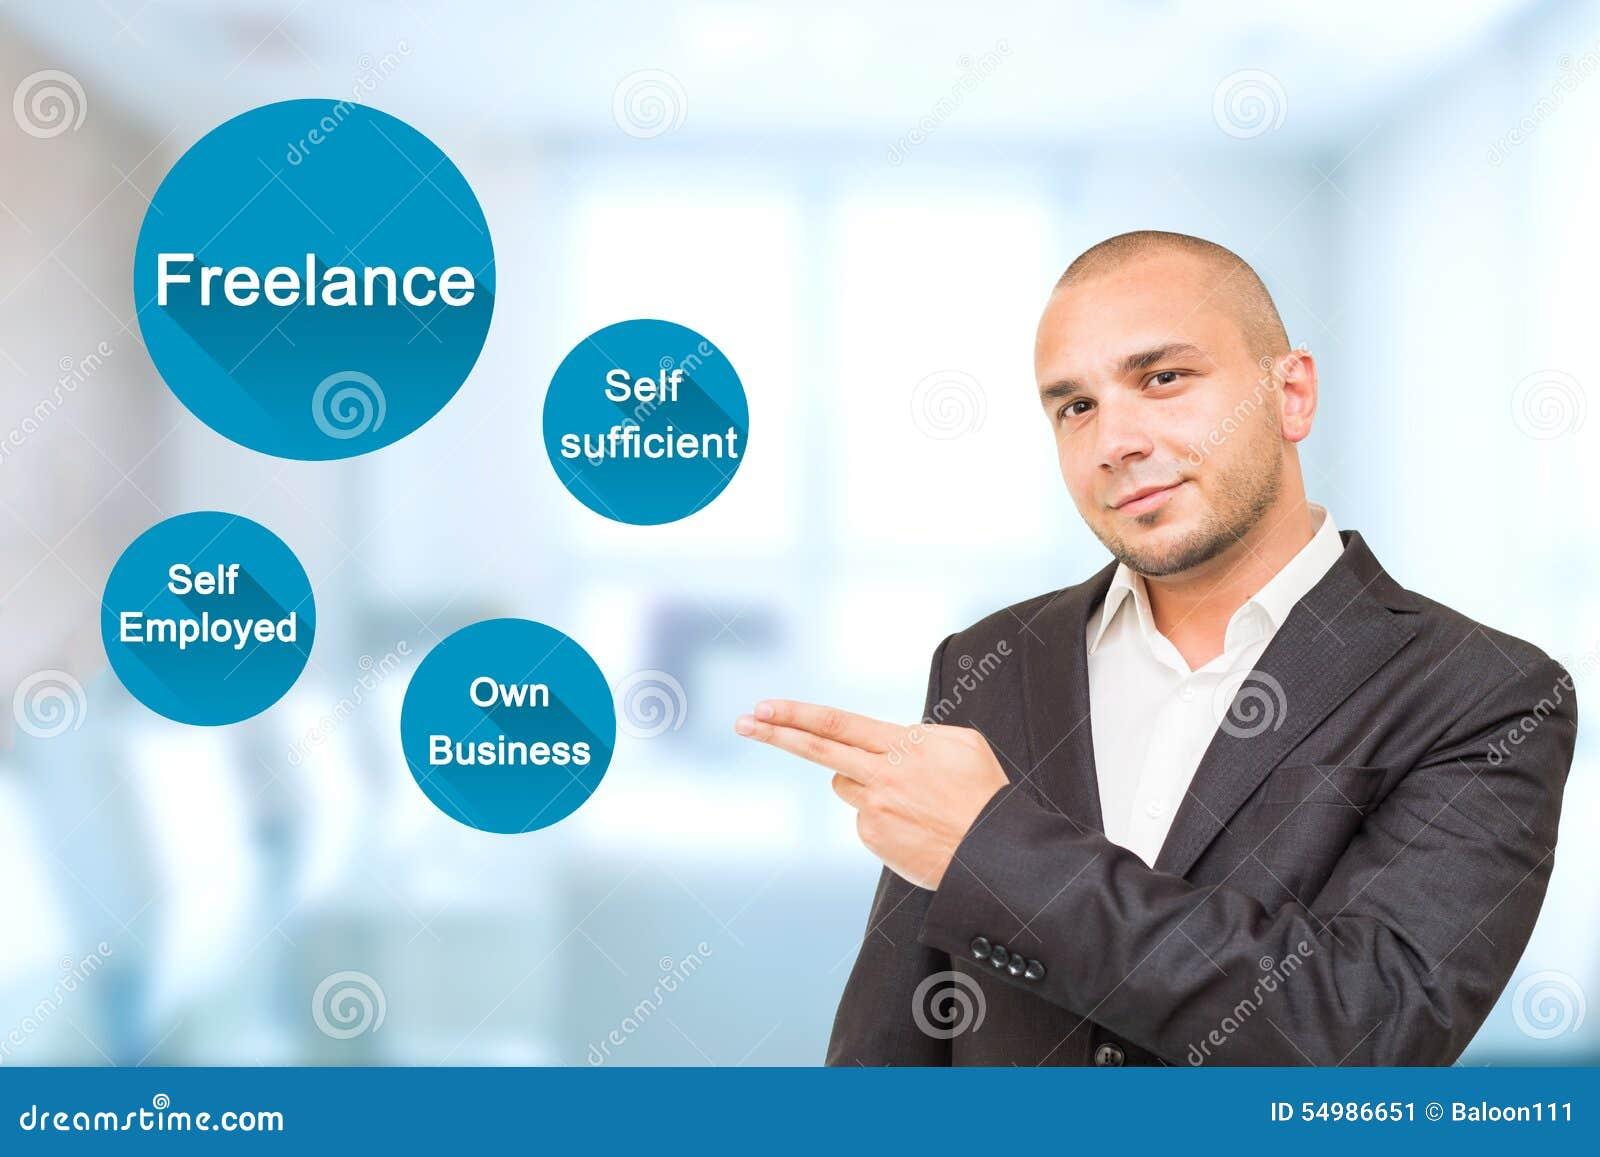 El hombre hermoso joven muestra cualidades importantes en trabajo independiente